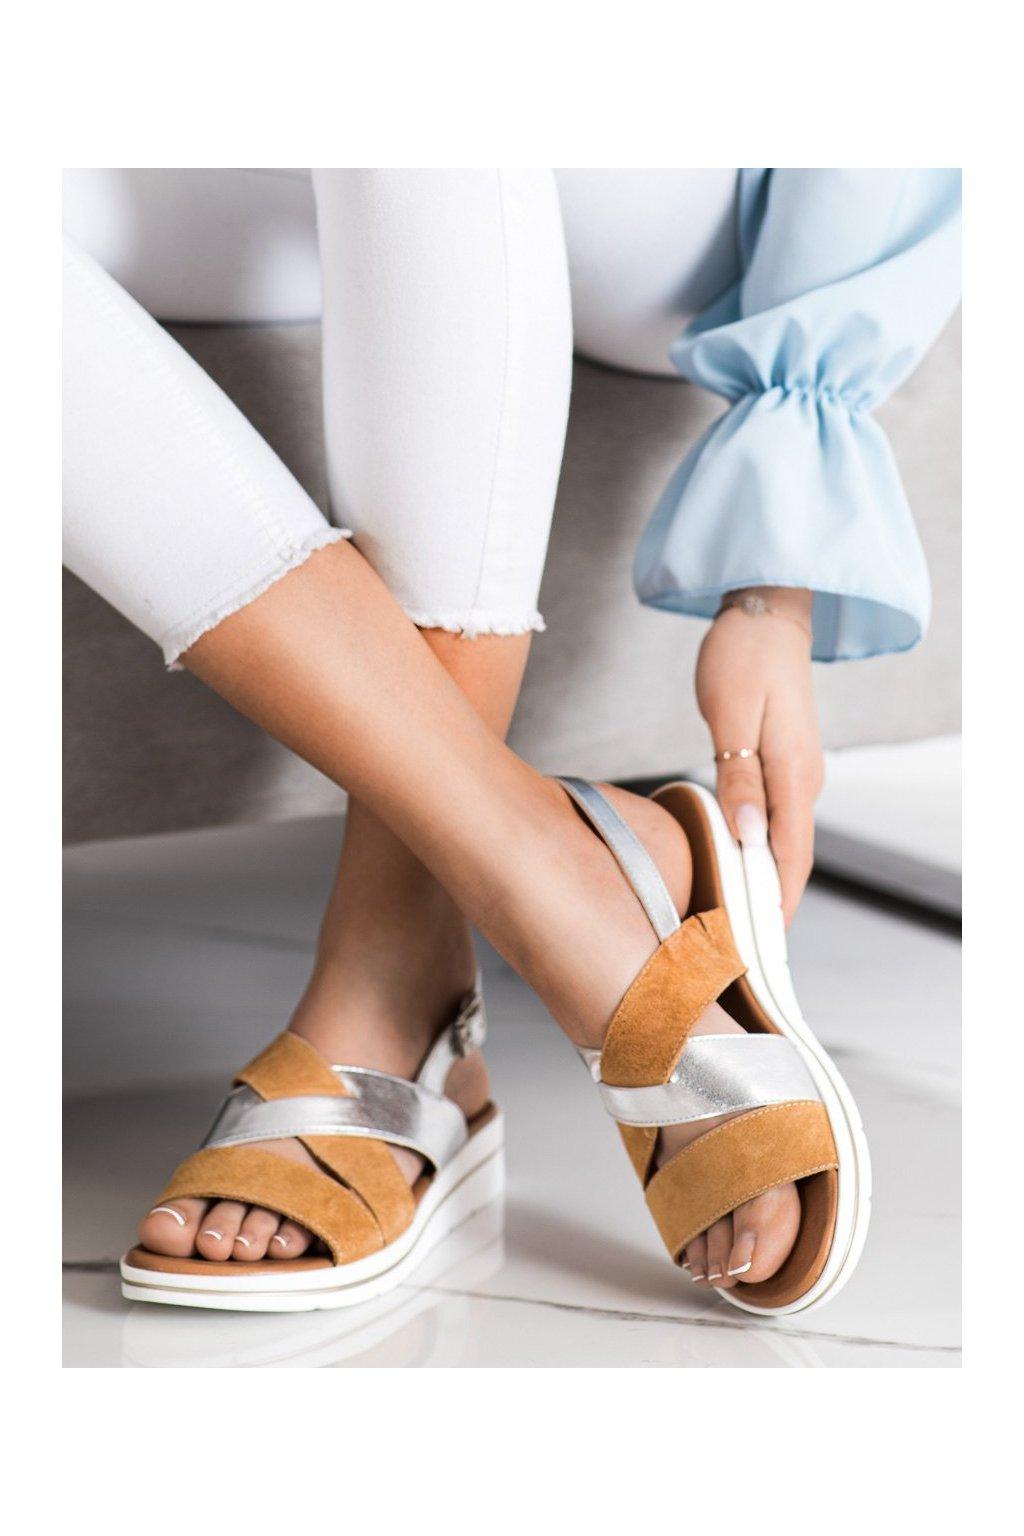 Hnedé sandále s plochou podrážkou na platforme Sergio leone kod SK039BE/S